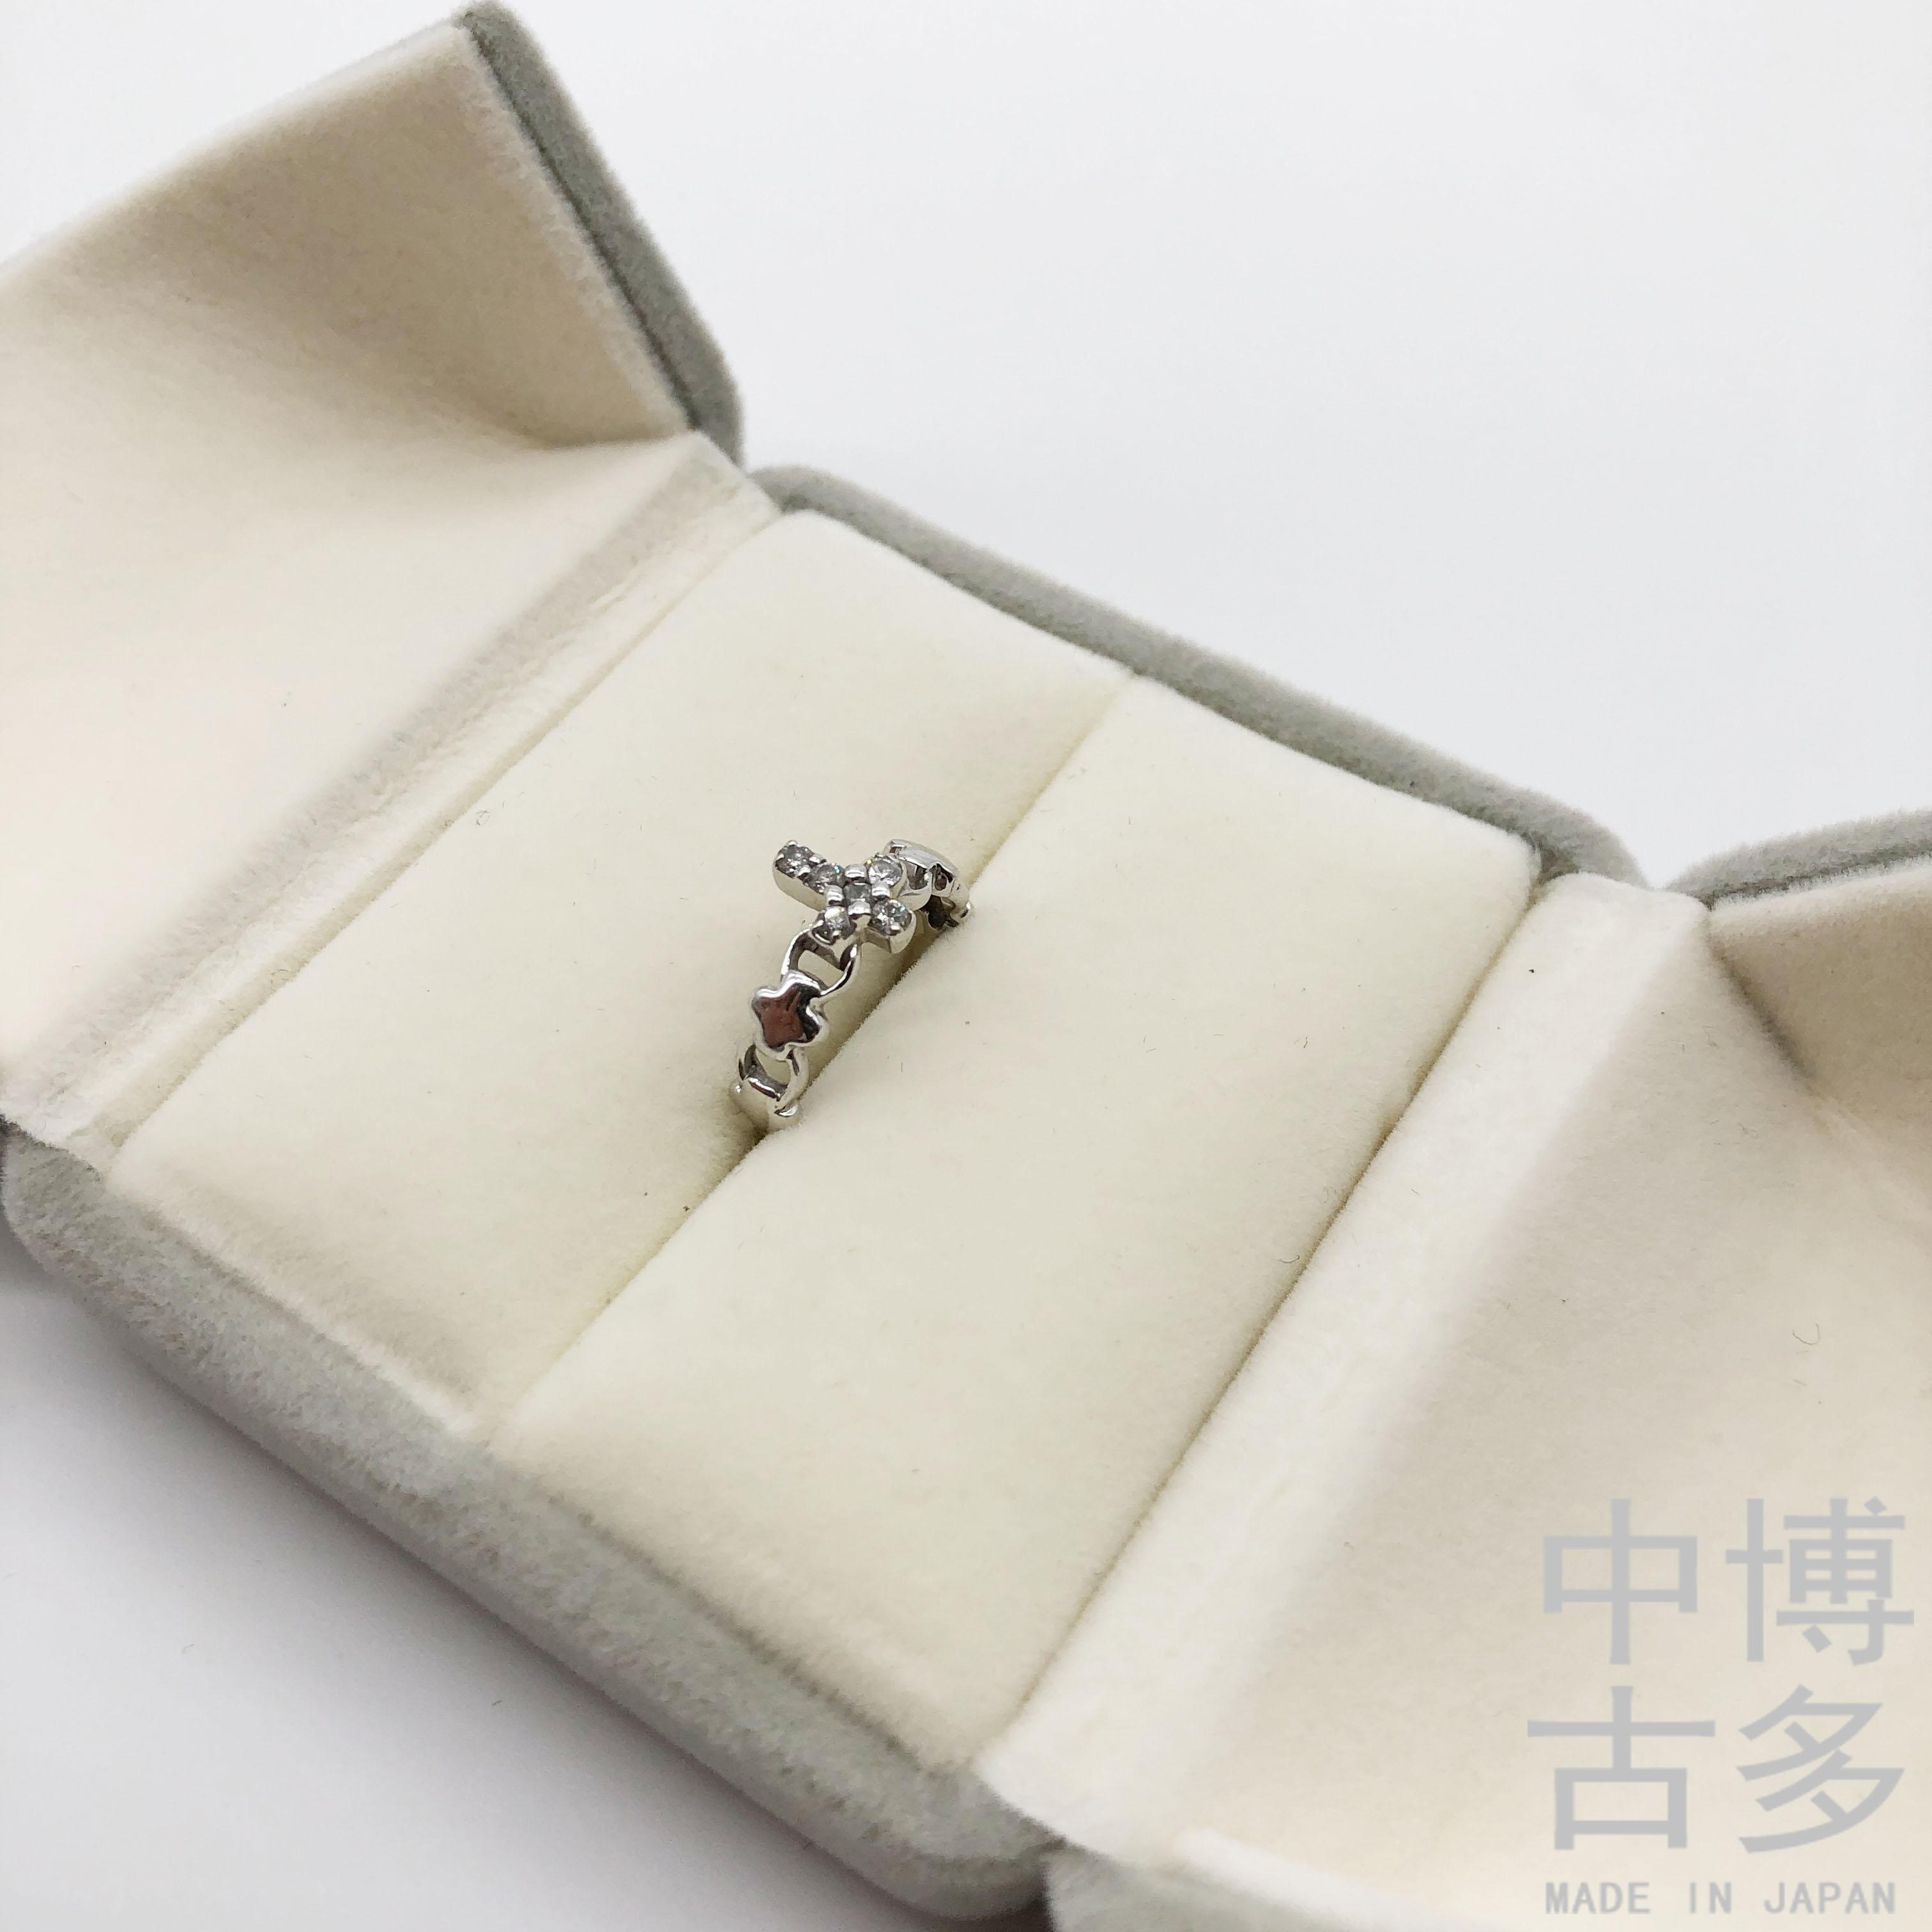 日本中古K金首饰 K18白金钻石戒指 艺术造型钻戒轻奢珠宝顺丰秒发